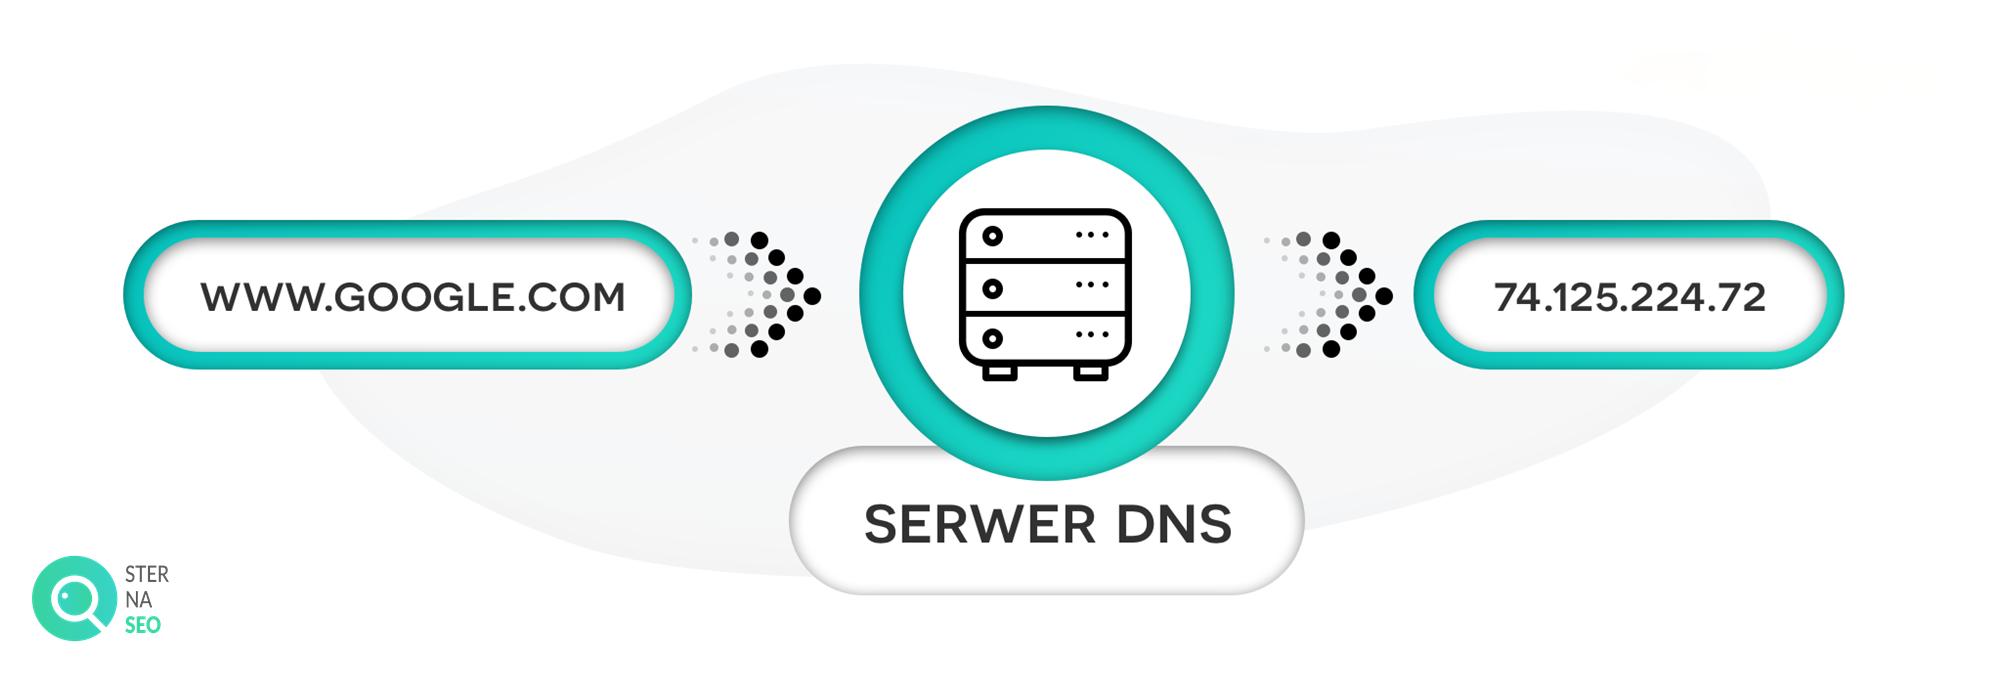 Serwery DNS - zasada działania